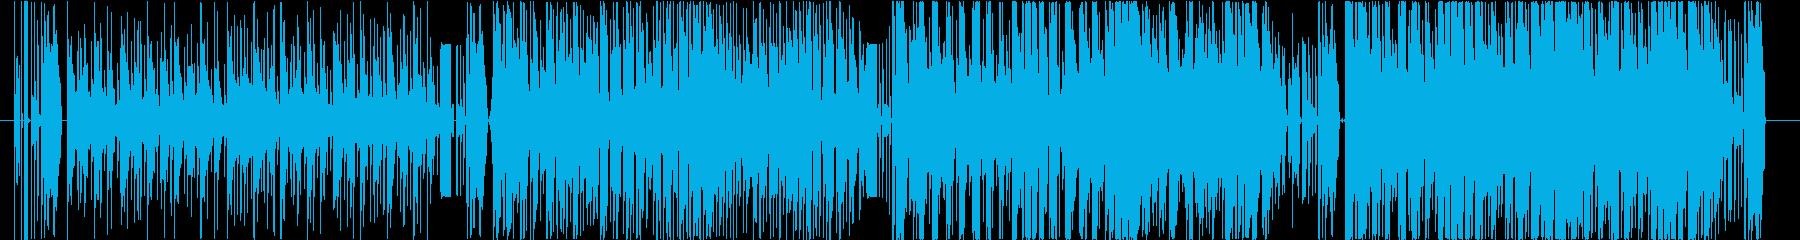 パーカッシブ&シンセ、シリアスな疾走感の再生済みの波形